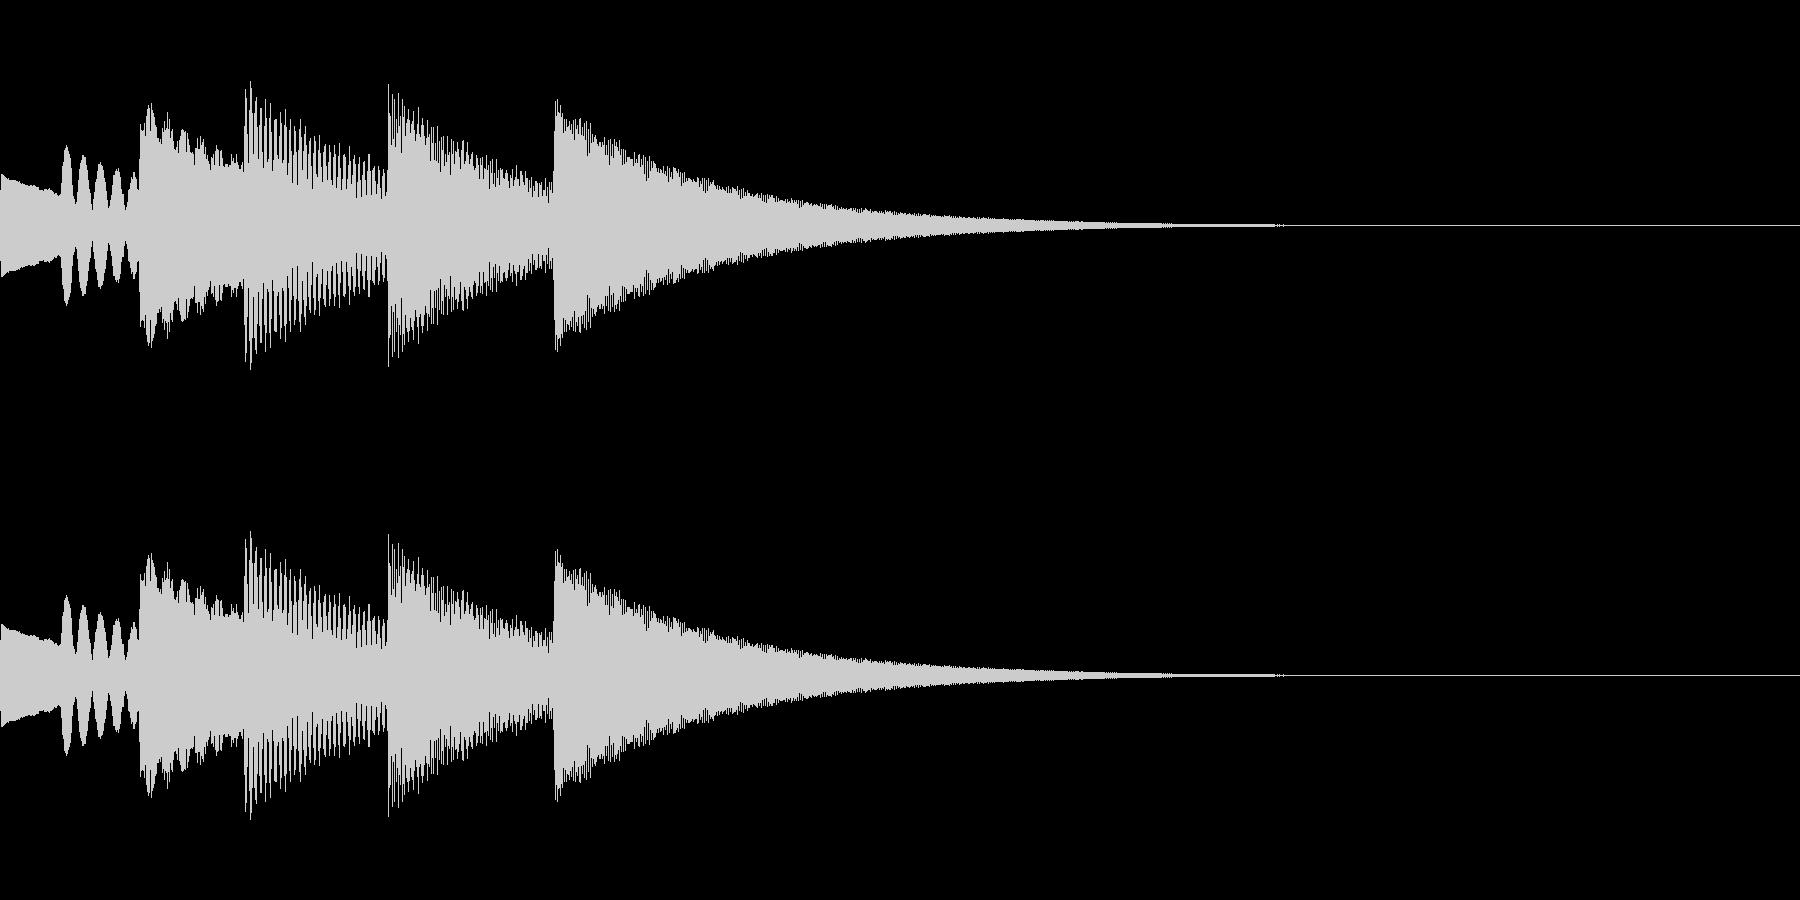 FX・SE/金属/スクロール/流れる音Gの未再生の波形